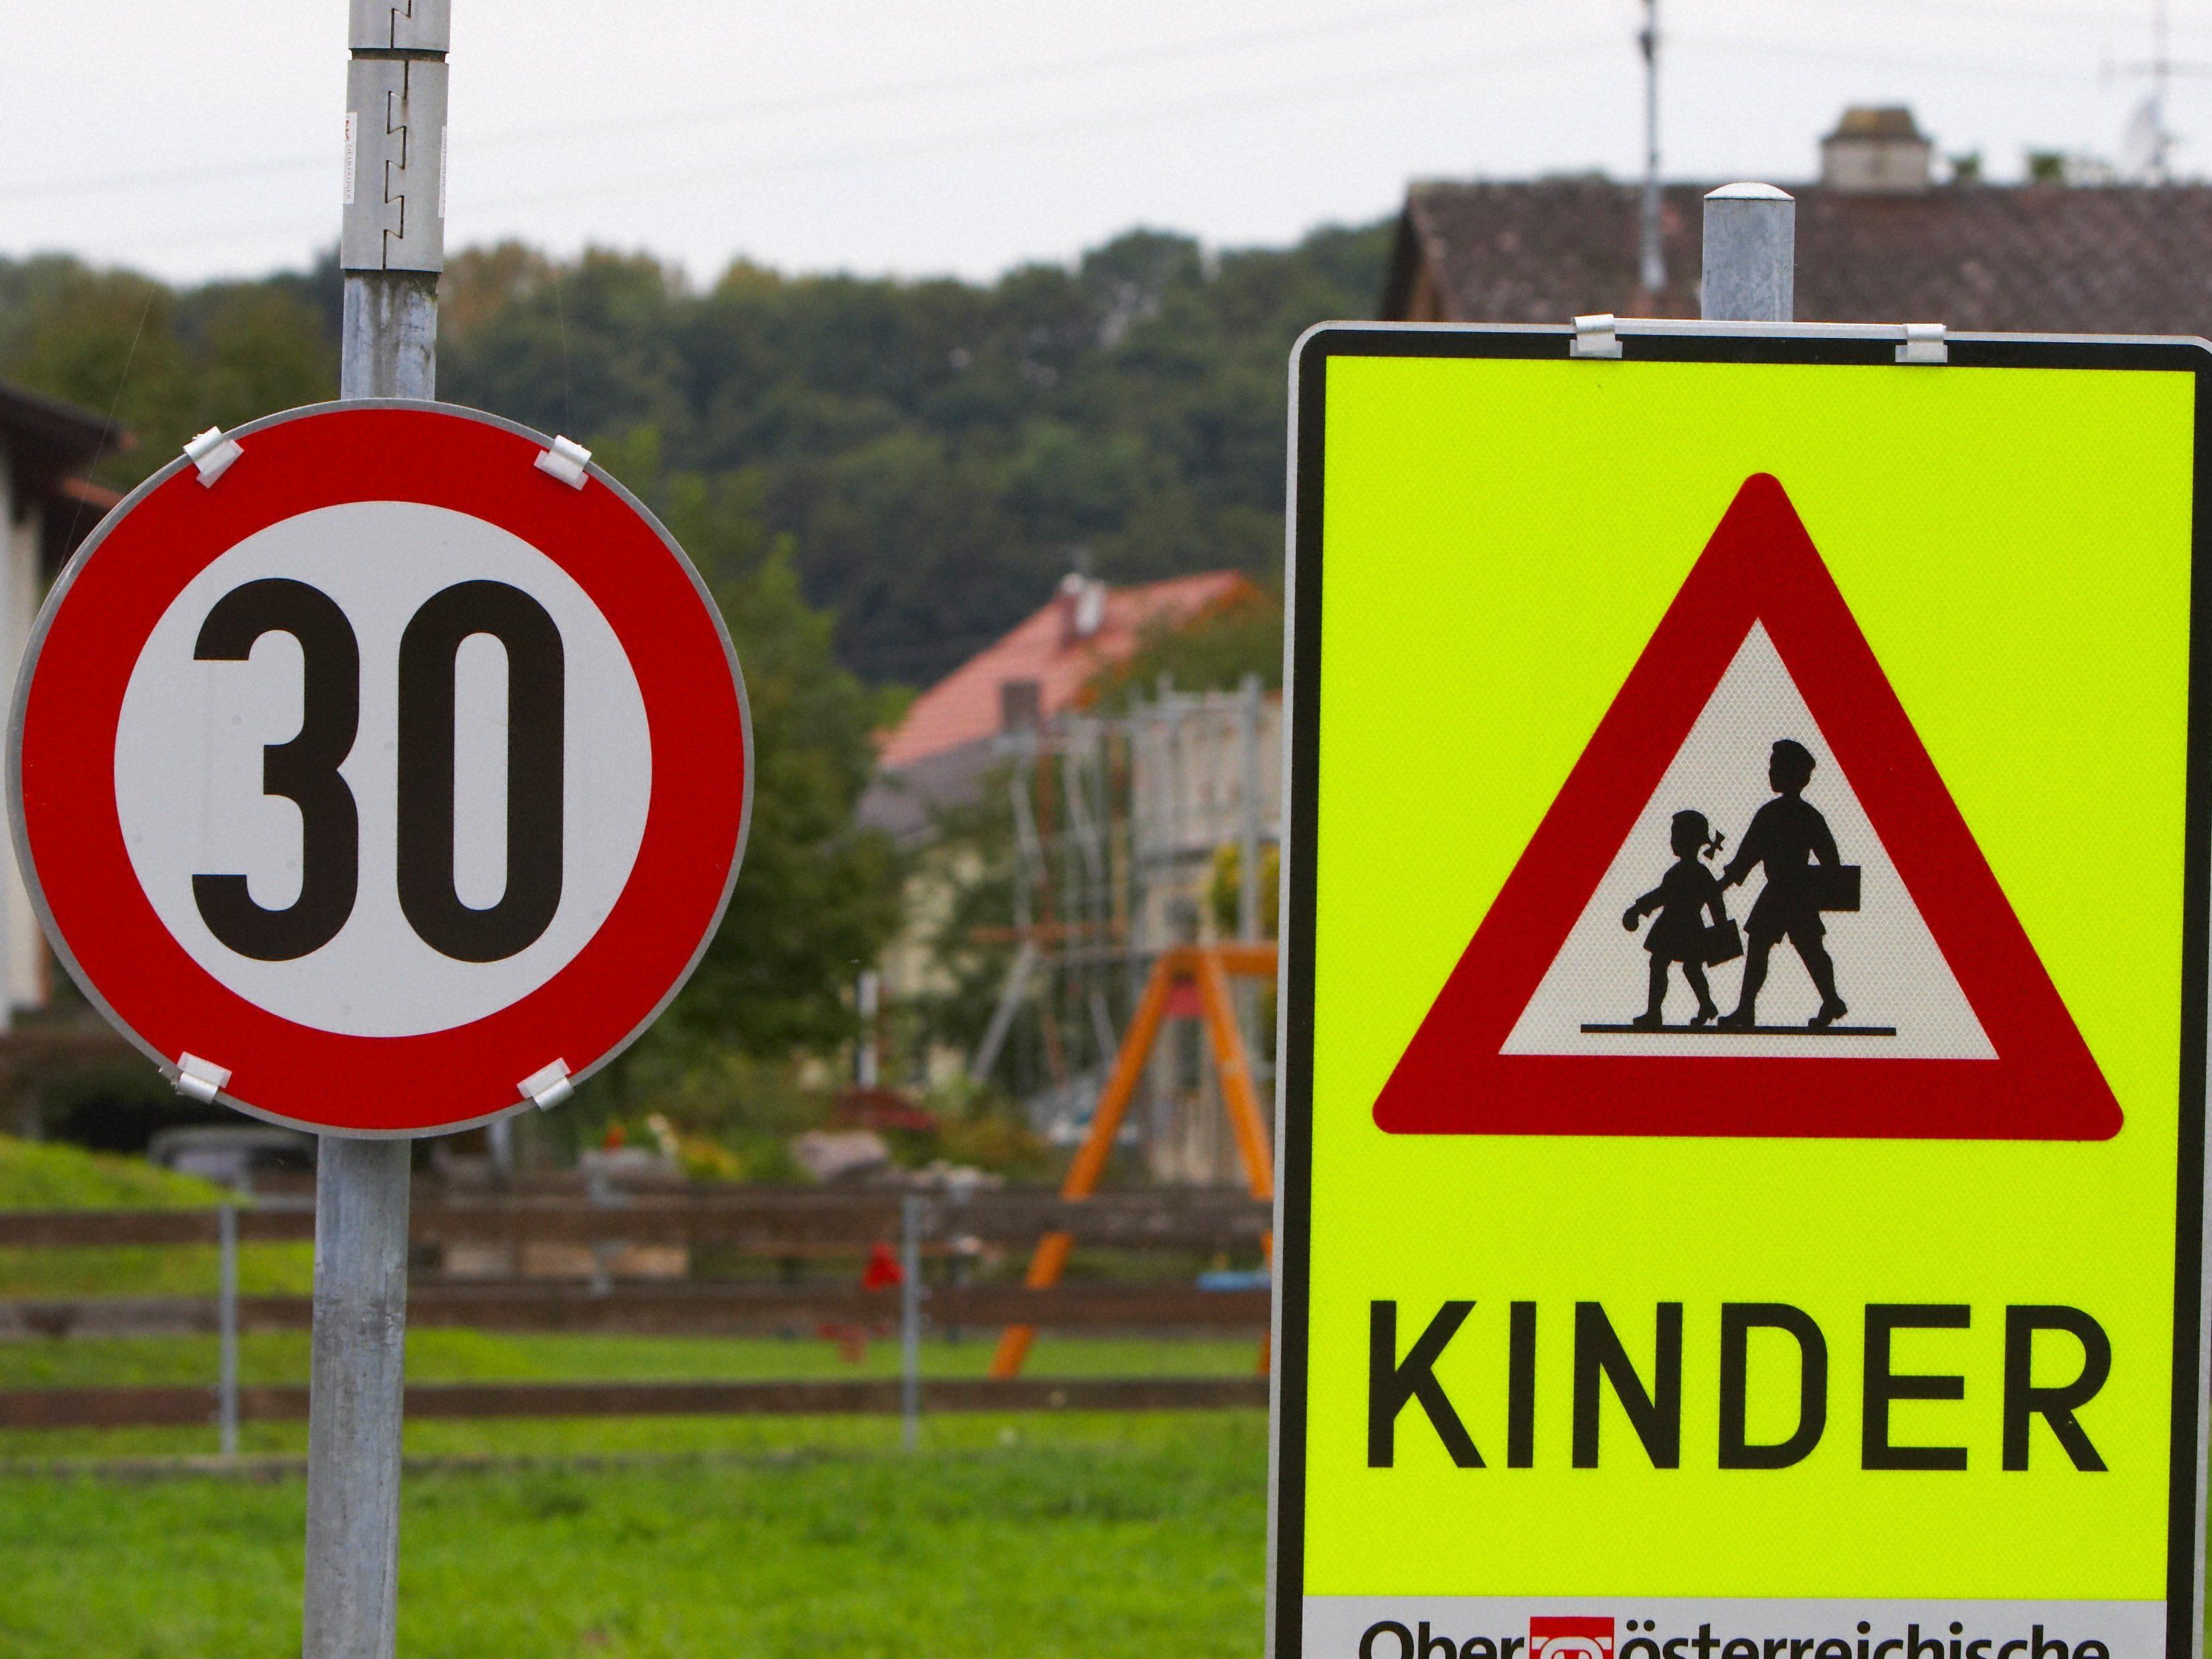 Der Schulweg birgt für Kinder zahlreiche Gefahren im Straßenverkehr.